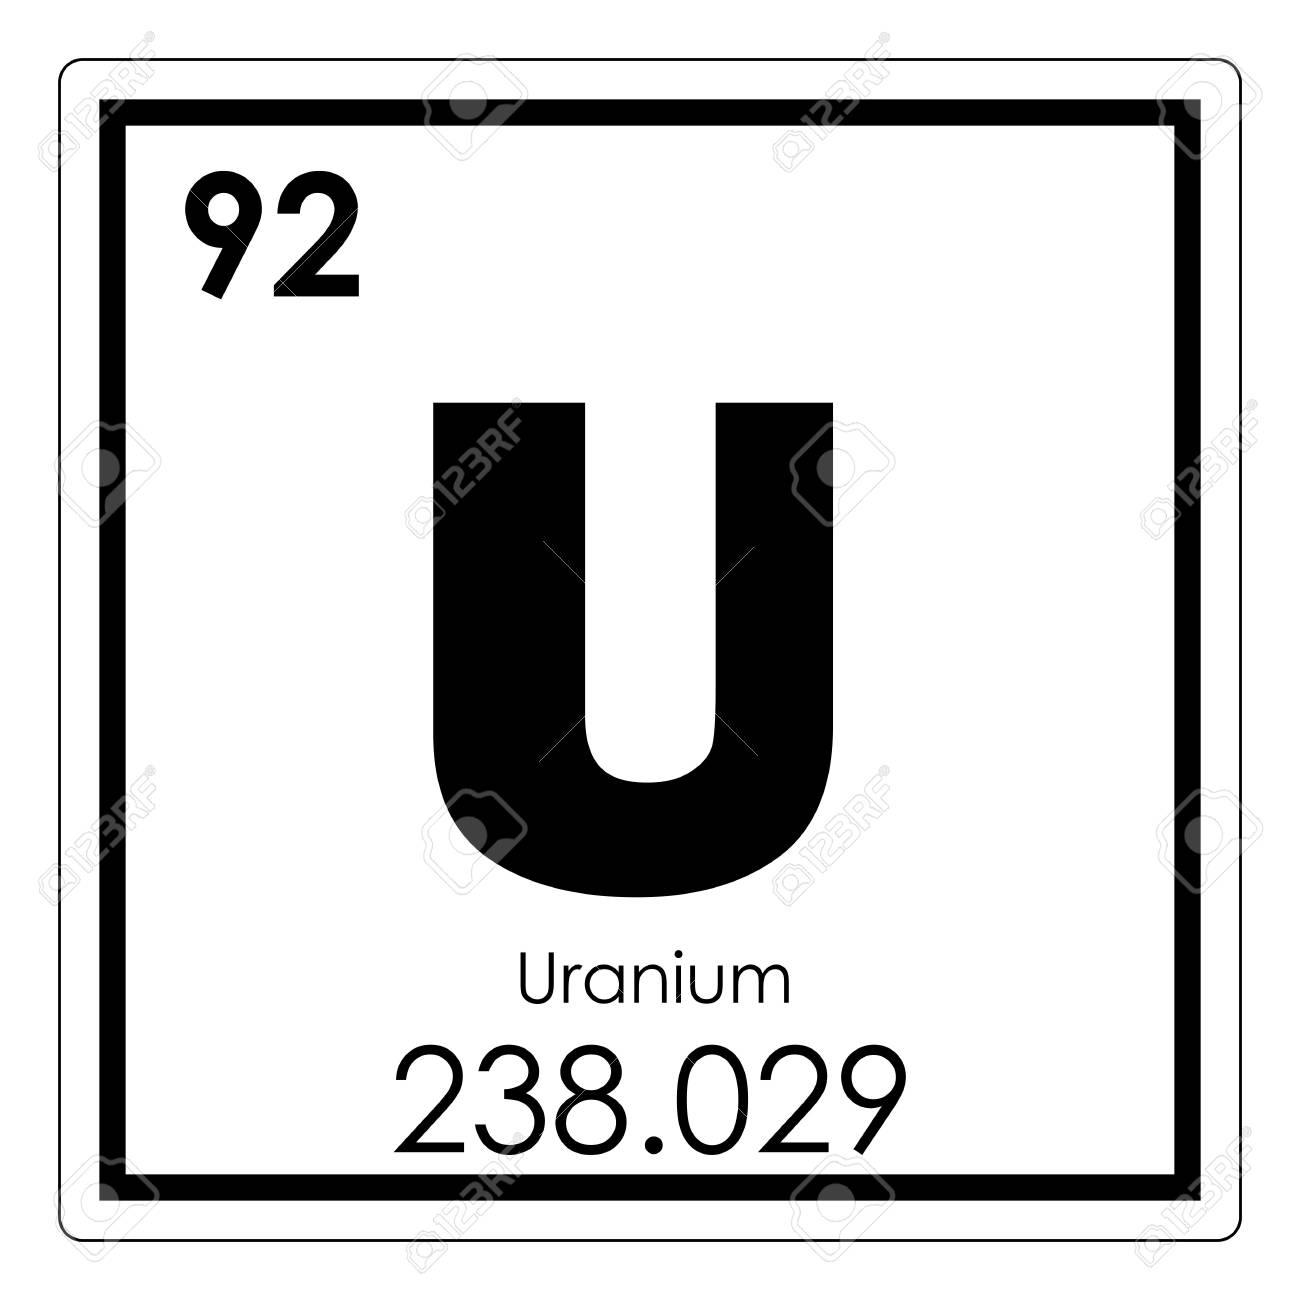 Uranium chemical element periodic table science symbol stock photo stock photo uranium chemical element periodic table science symbol urtaz Choice Image